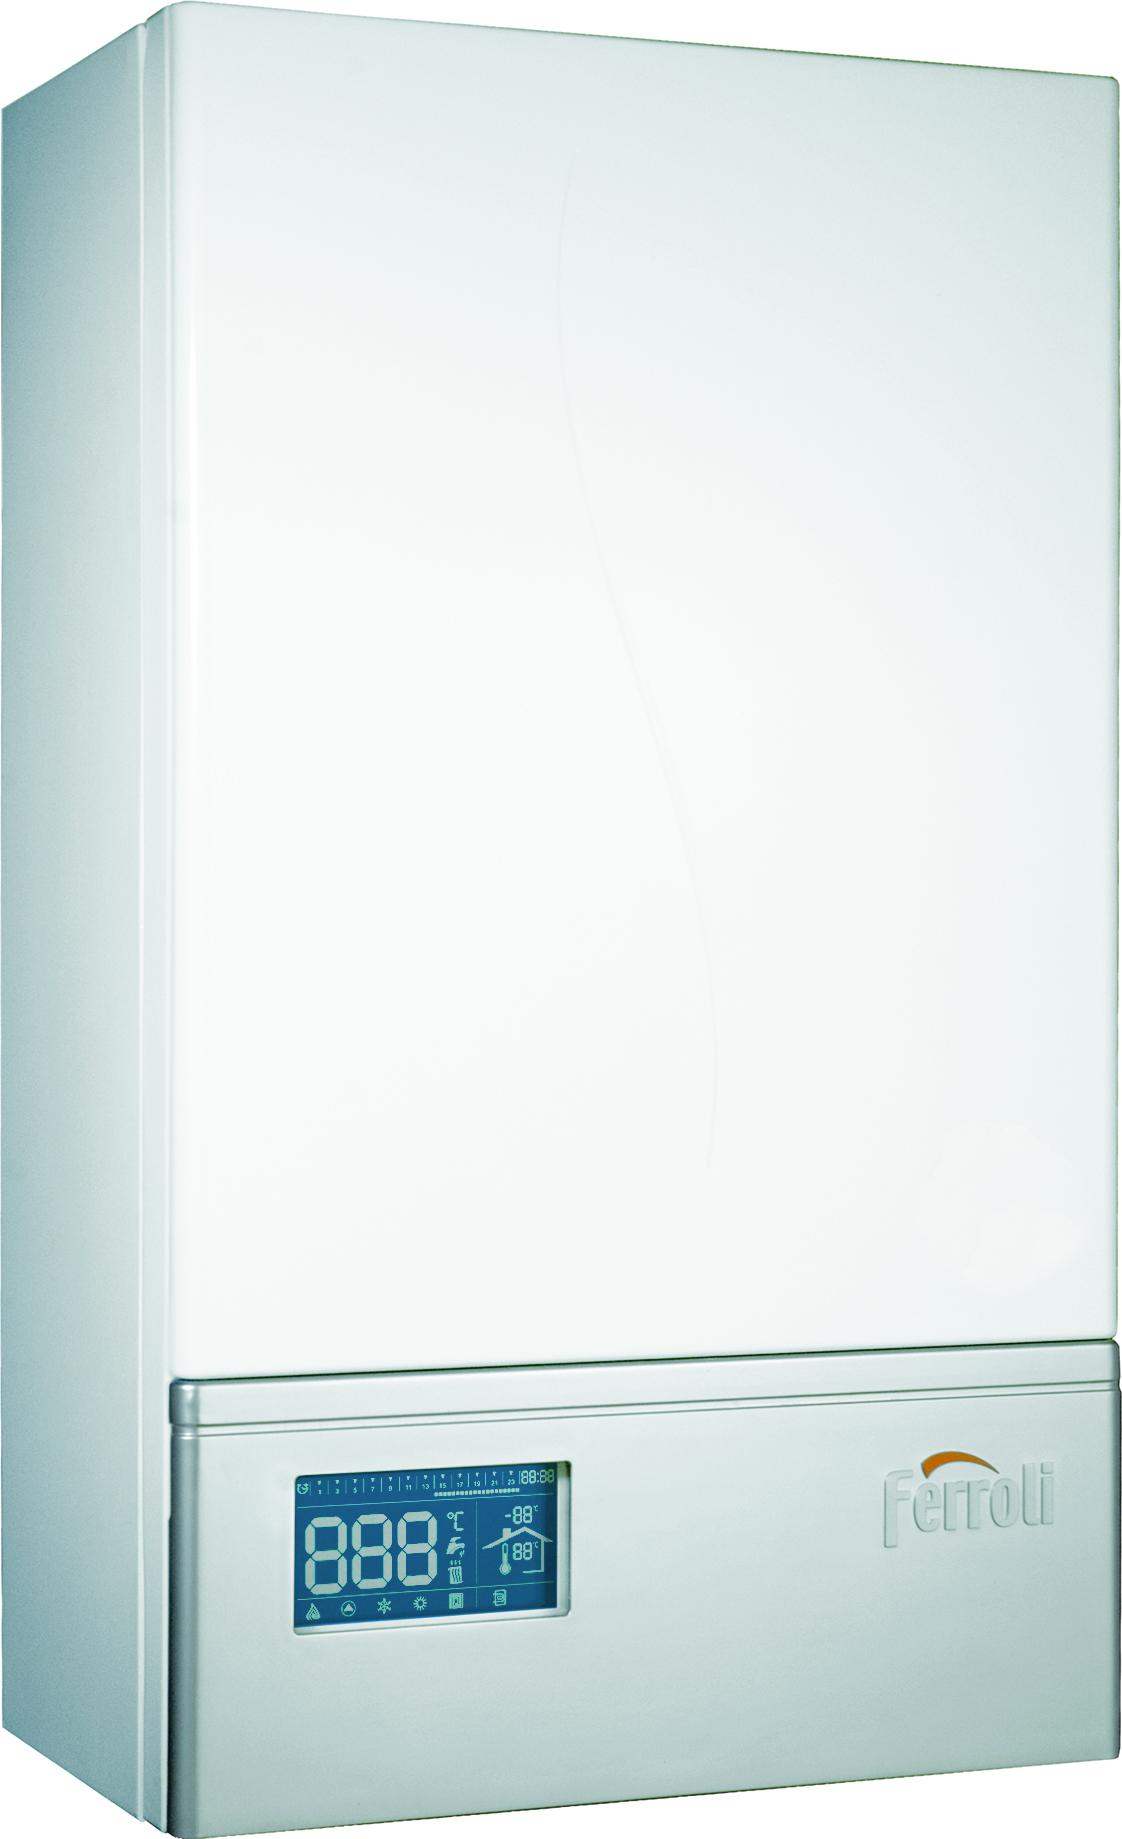 РЕЗЕРВНИ ЧАСТИ ЗА ЕЛЕКТРИЧЕСКИ КОТЕЛ LEB 6-9 kW